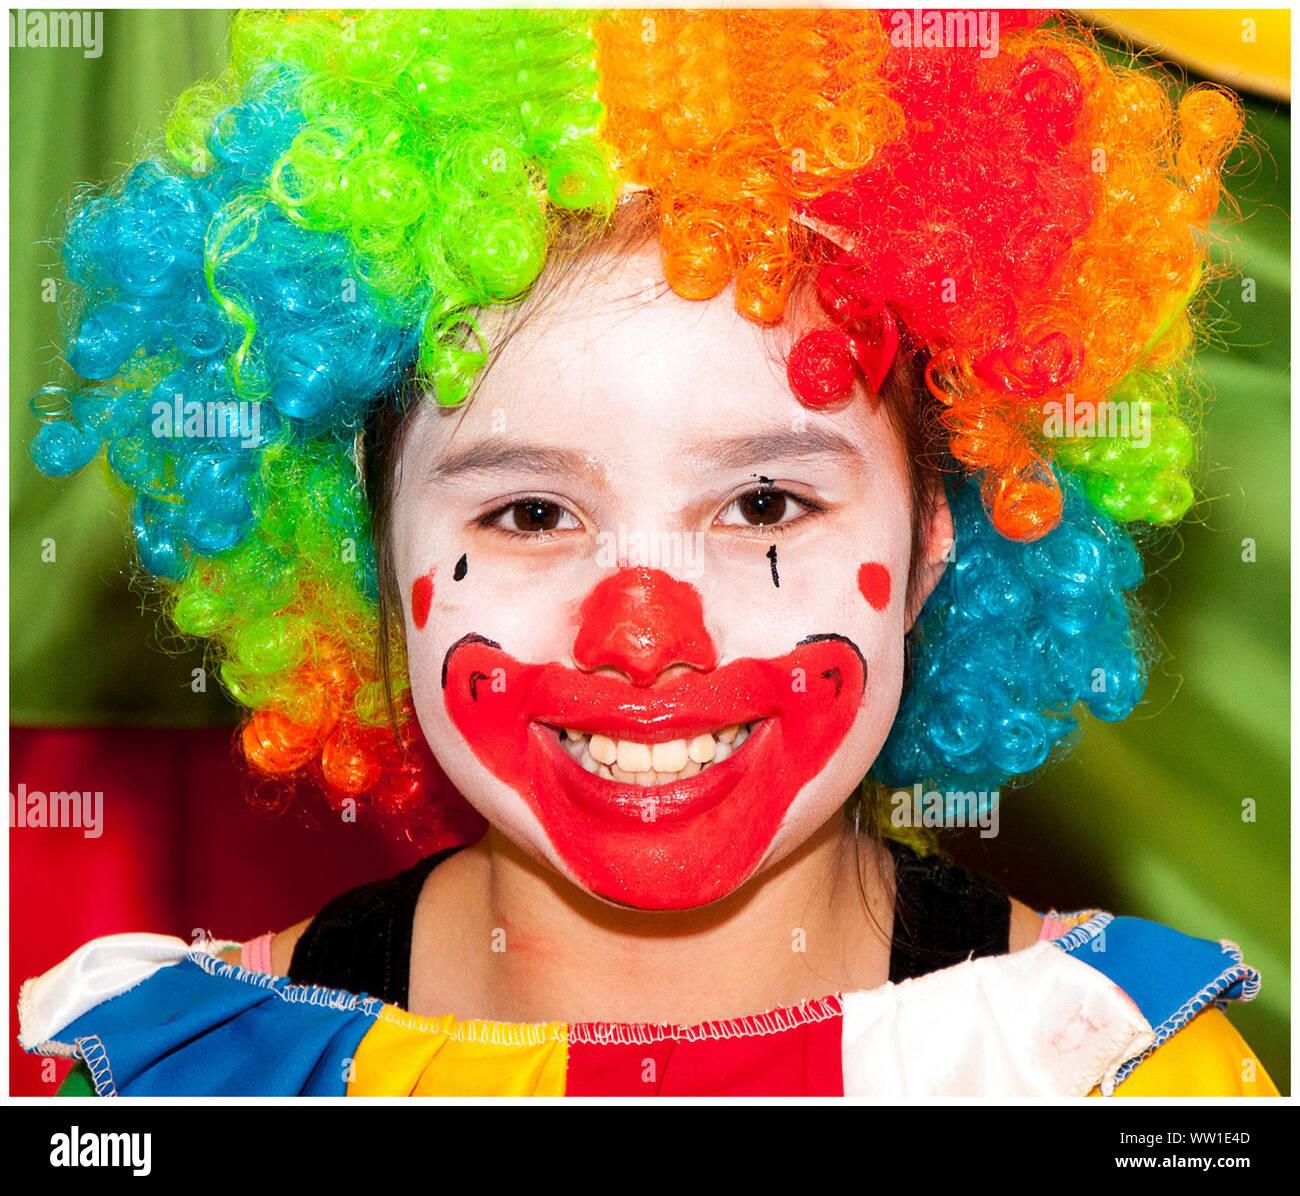 Madchen Clown Gesicht Stockfotos Madchen Clown Gesicht Bilder